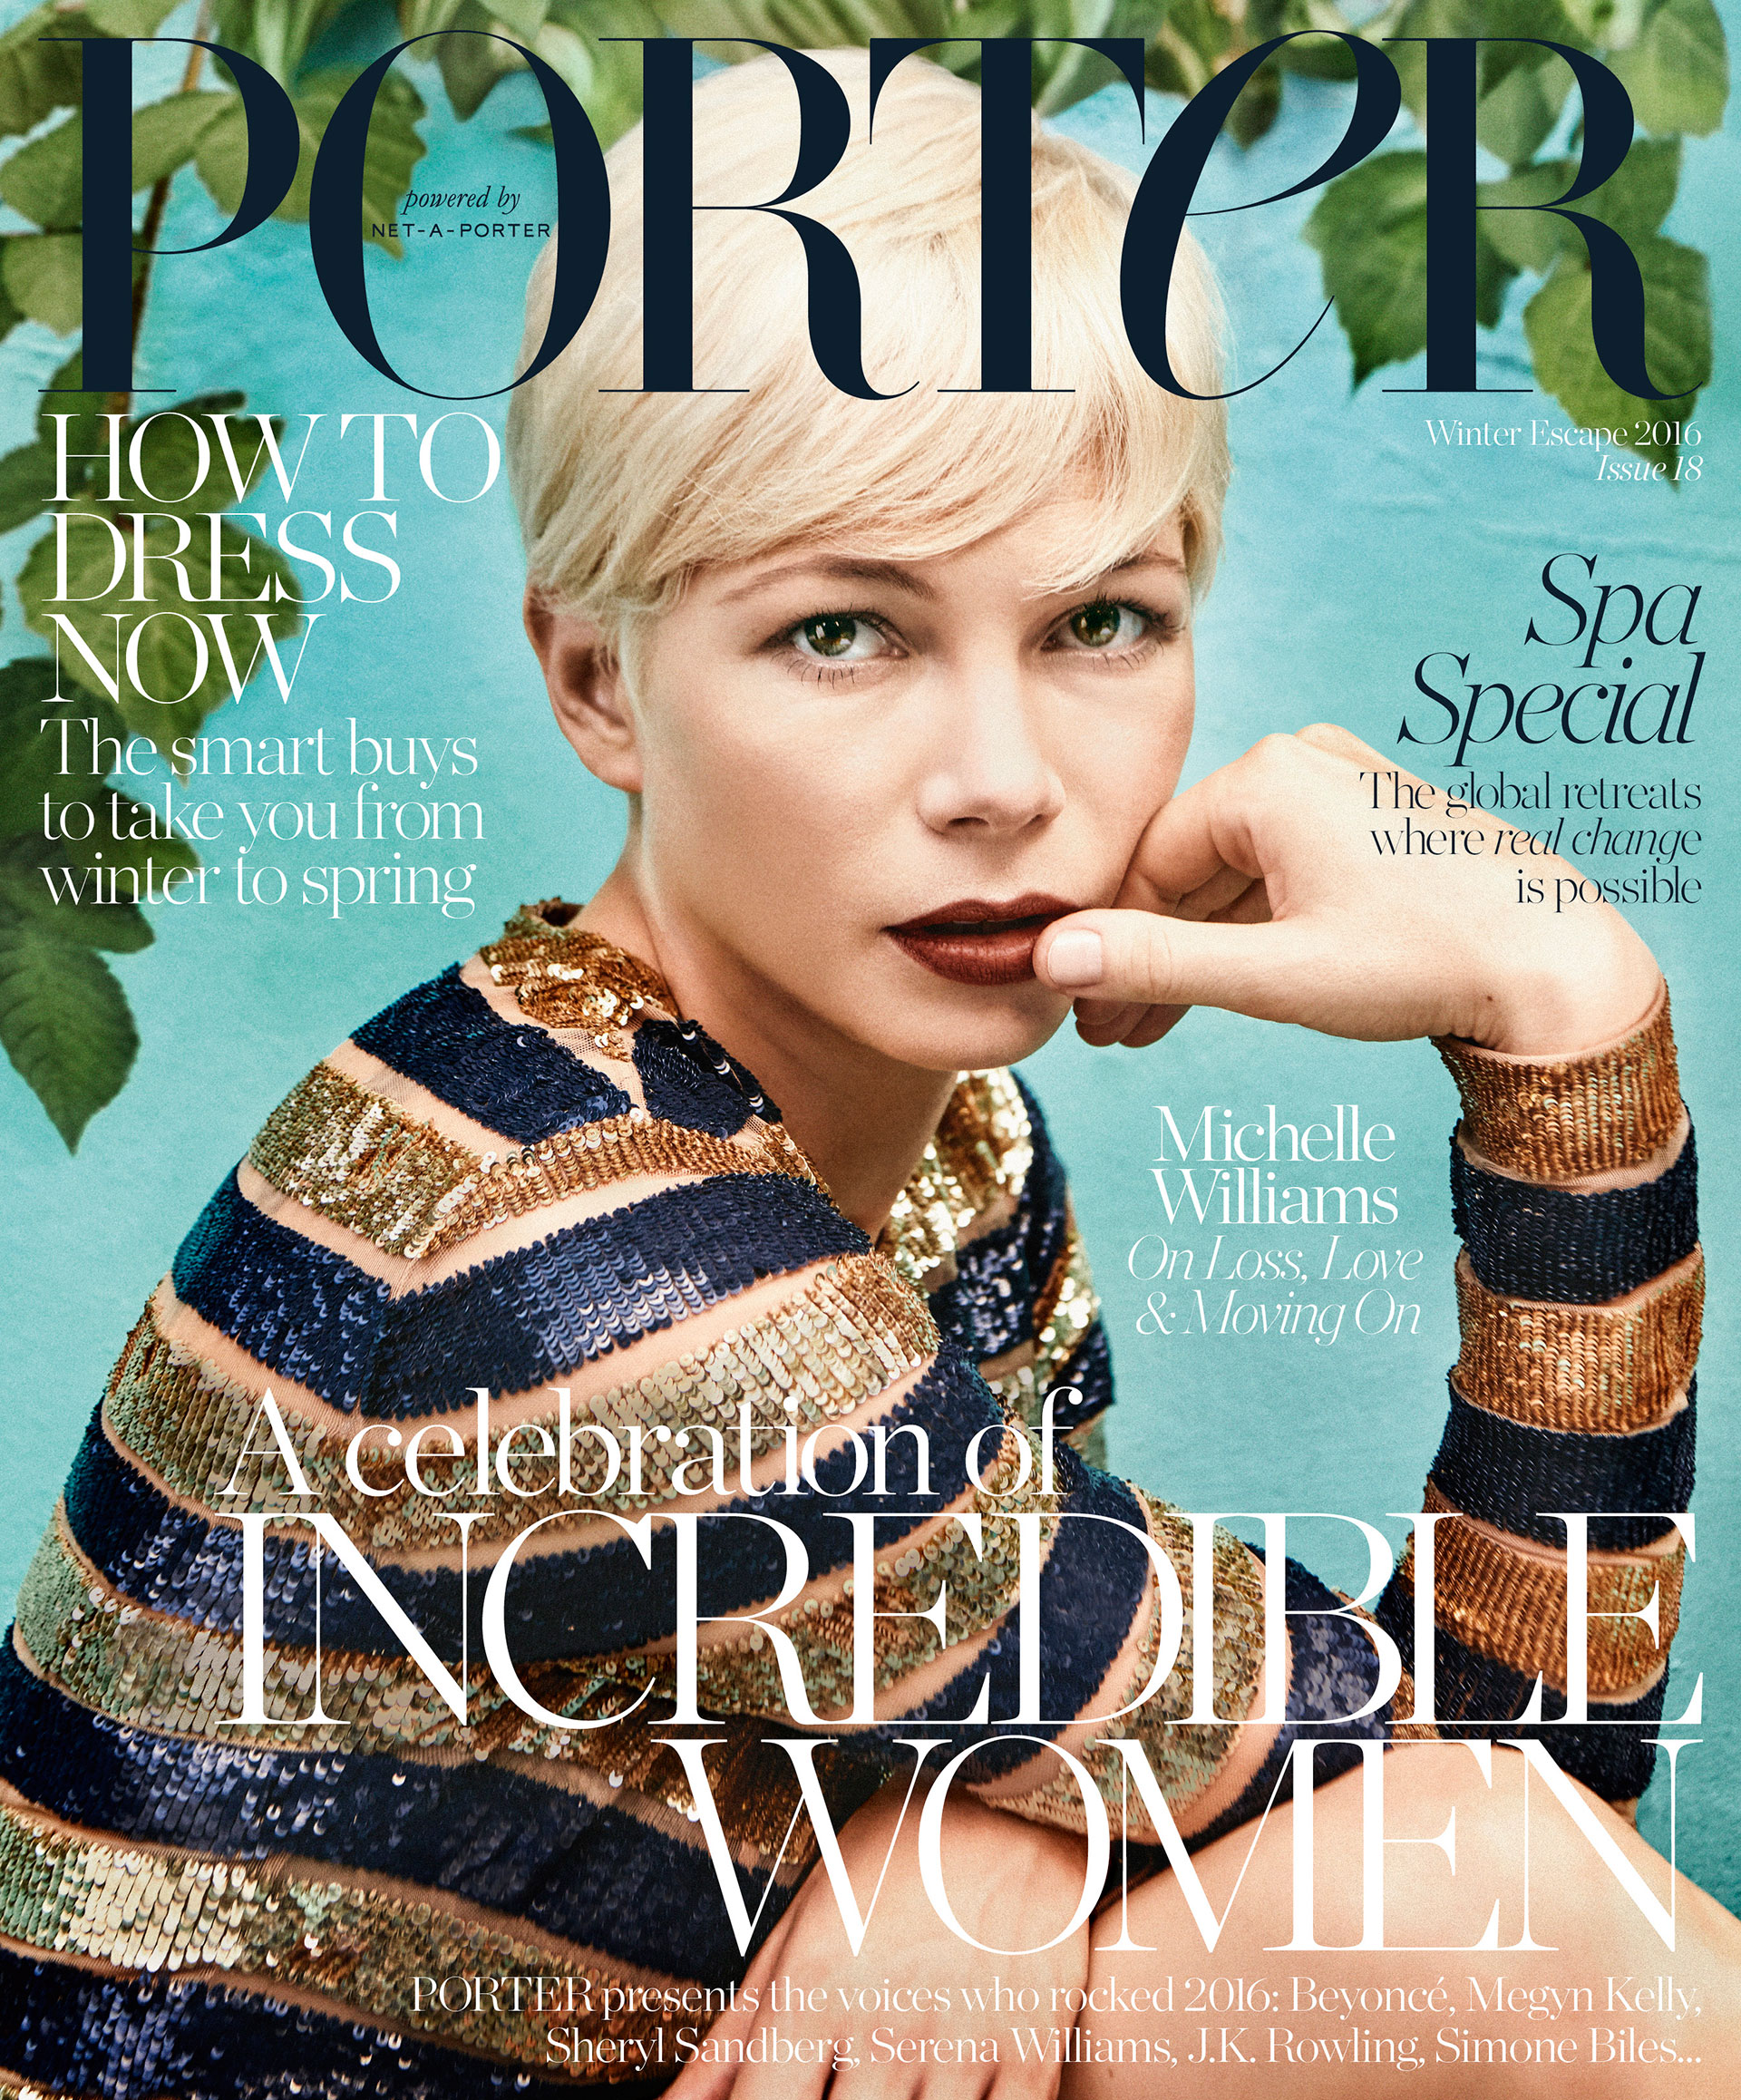 Michelle Williams Porter Magazine cover